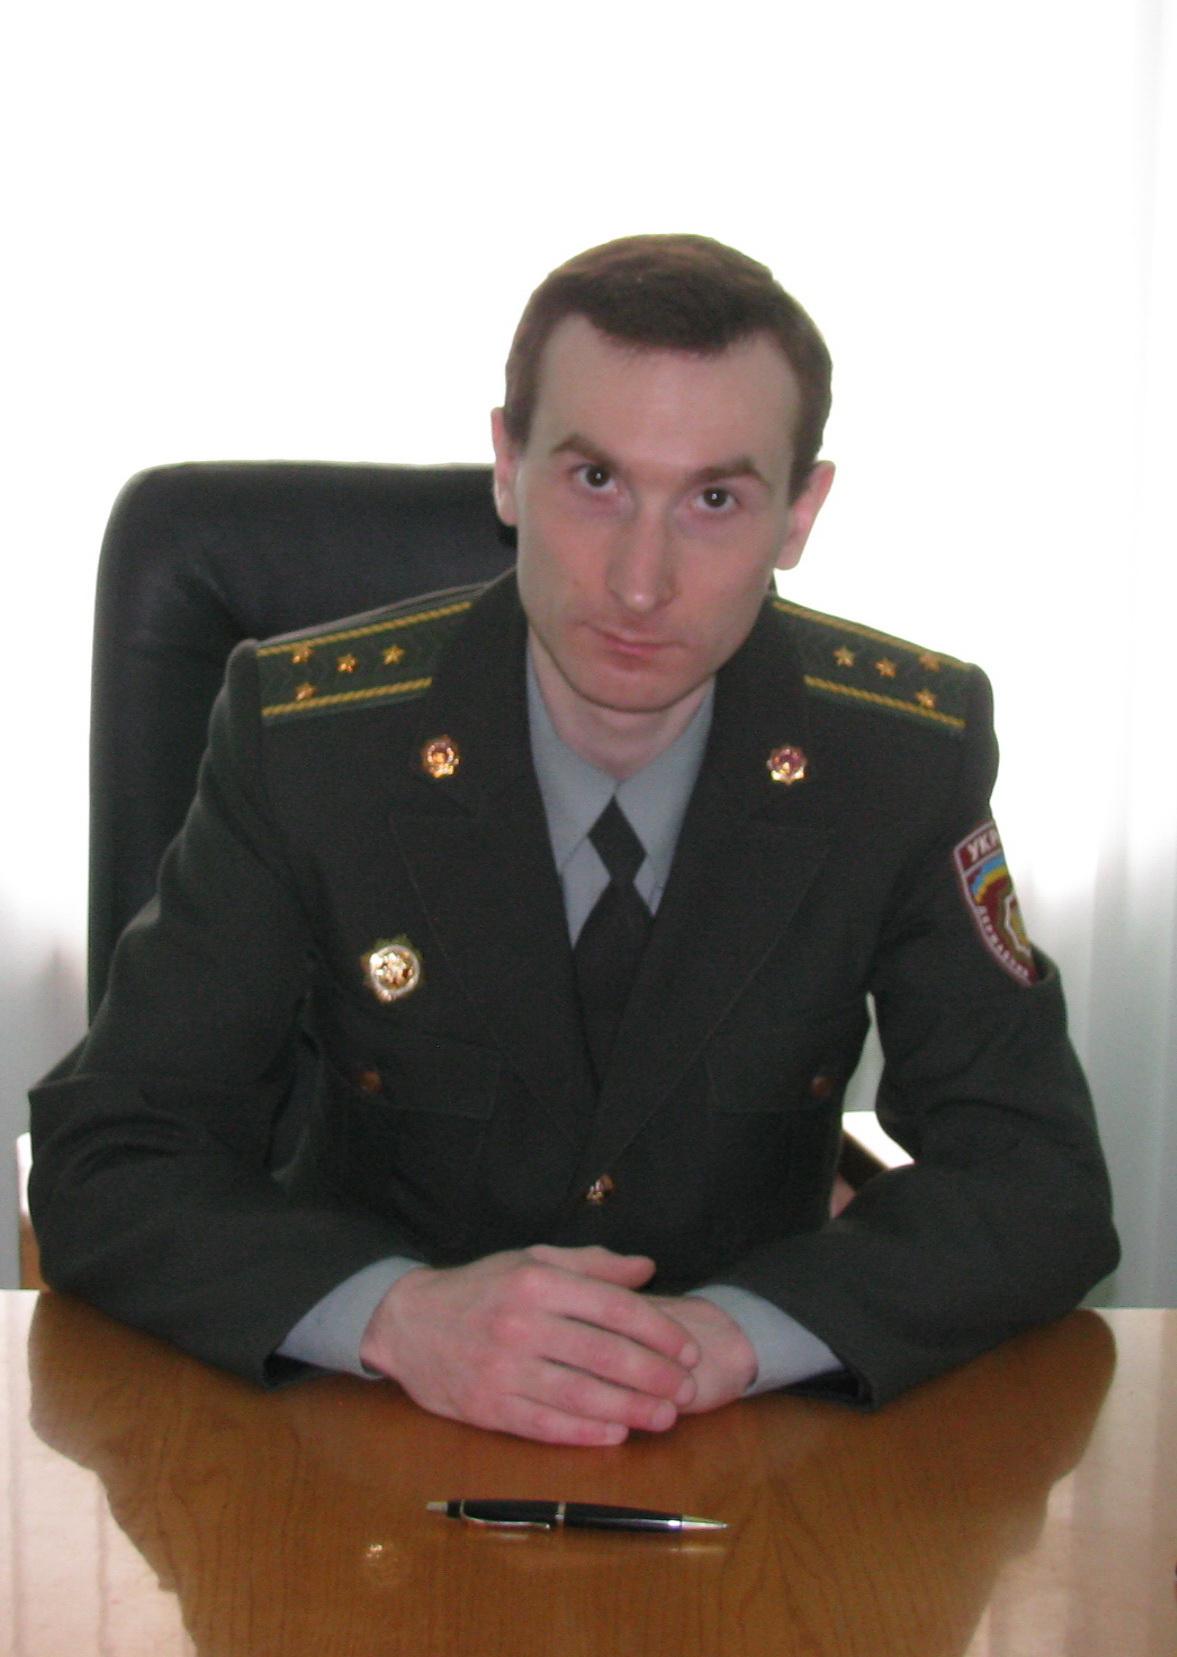 глава инициативной группы по созданию областного профсоюза сотрудников органов и учреждений исполнения наказаний Павел Кравчук